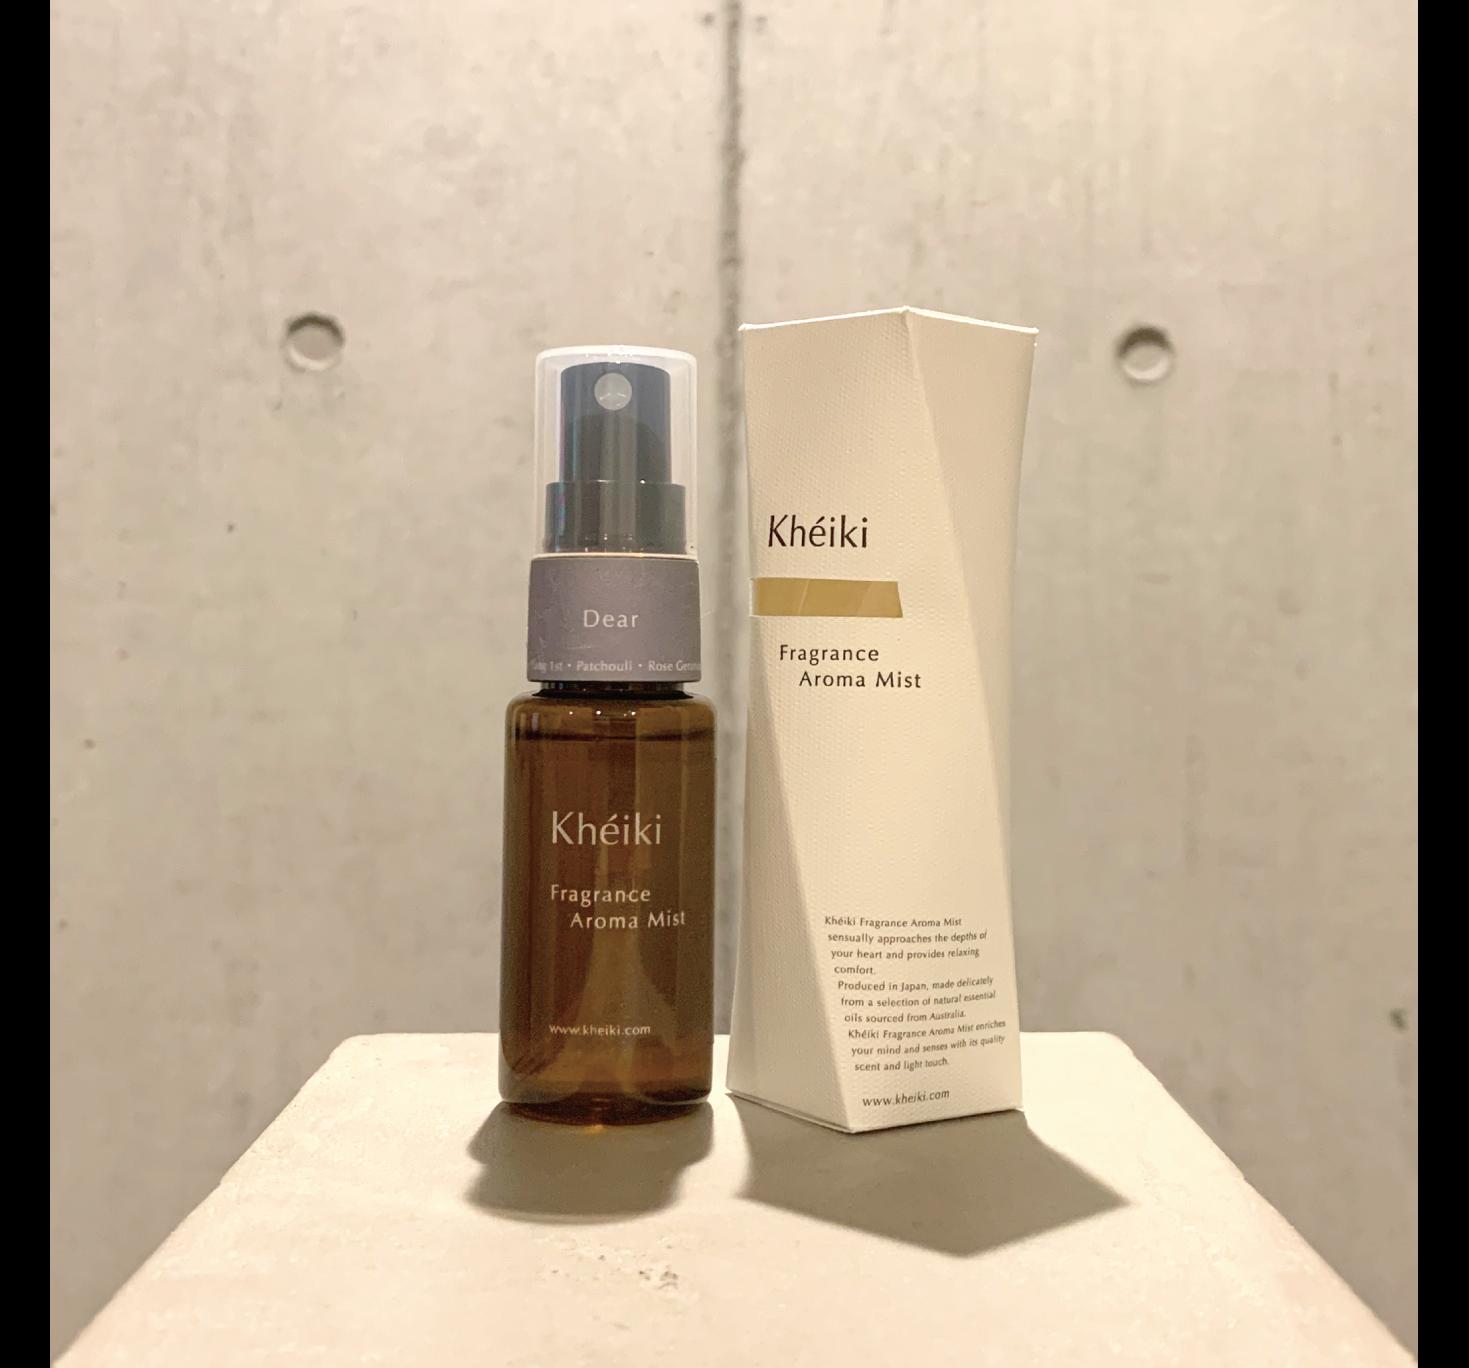 Fragrance Aroma Mist / 30mL / Dear